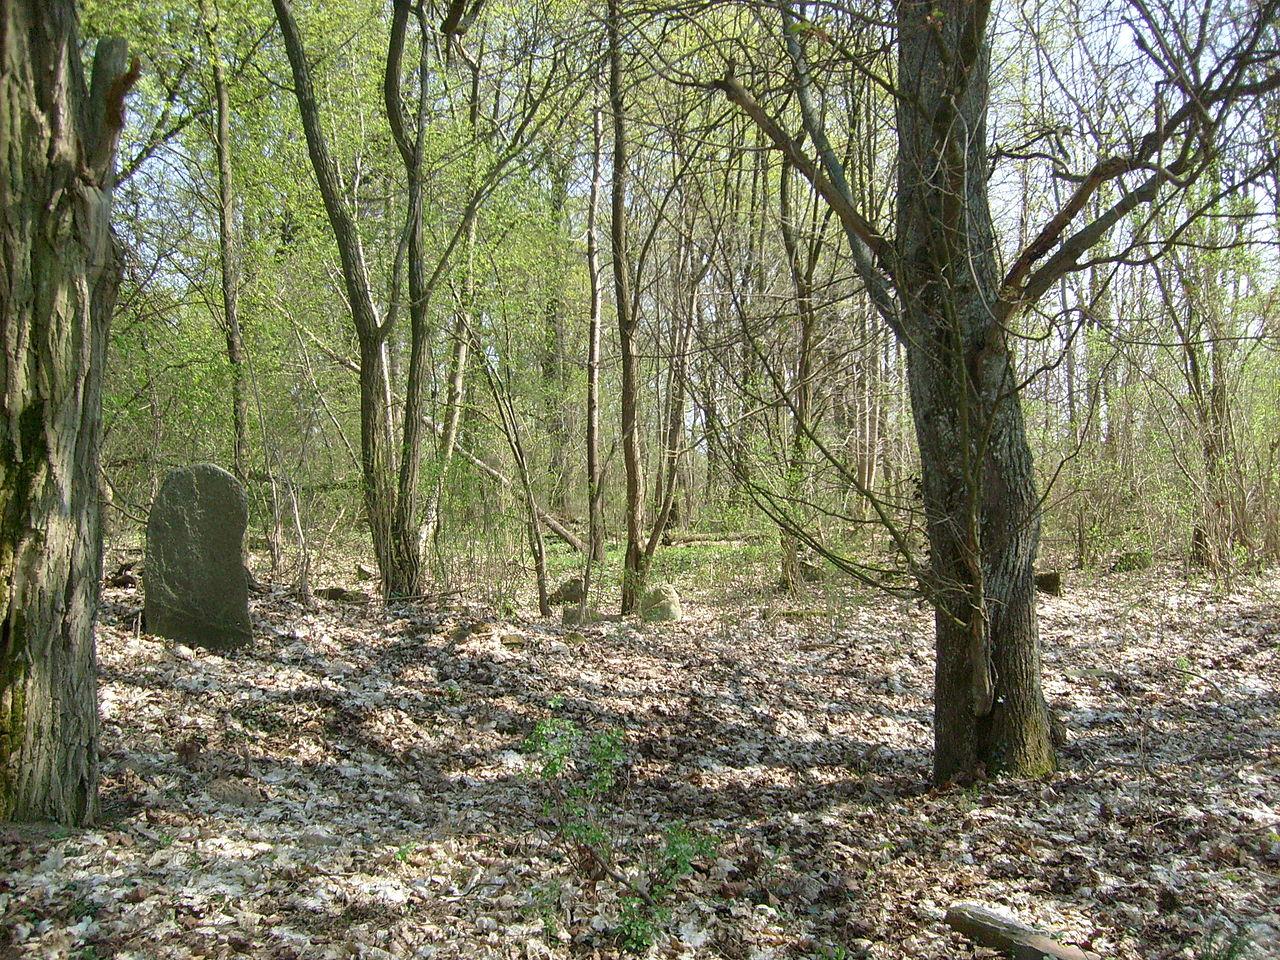 Cmentarz0001 01.jpg